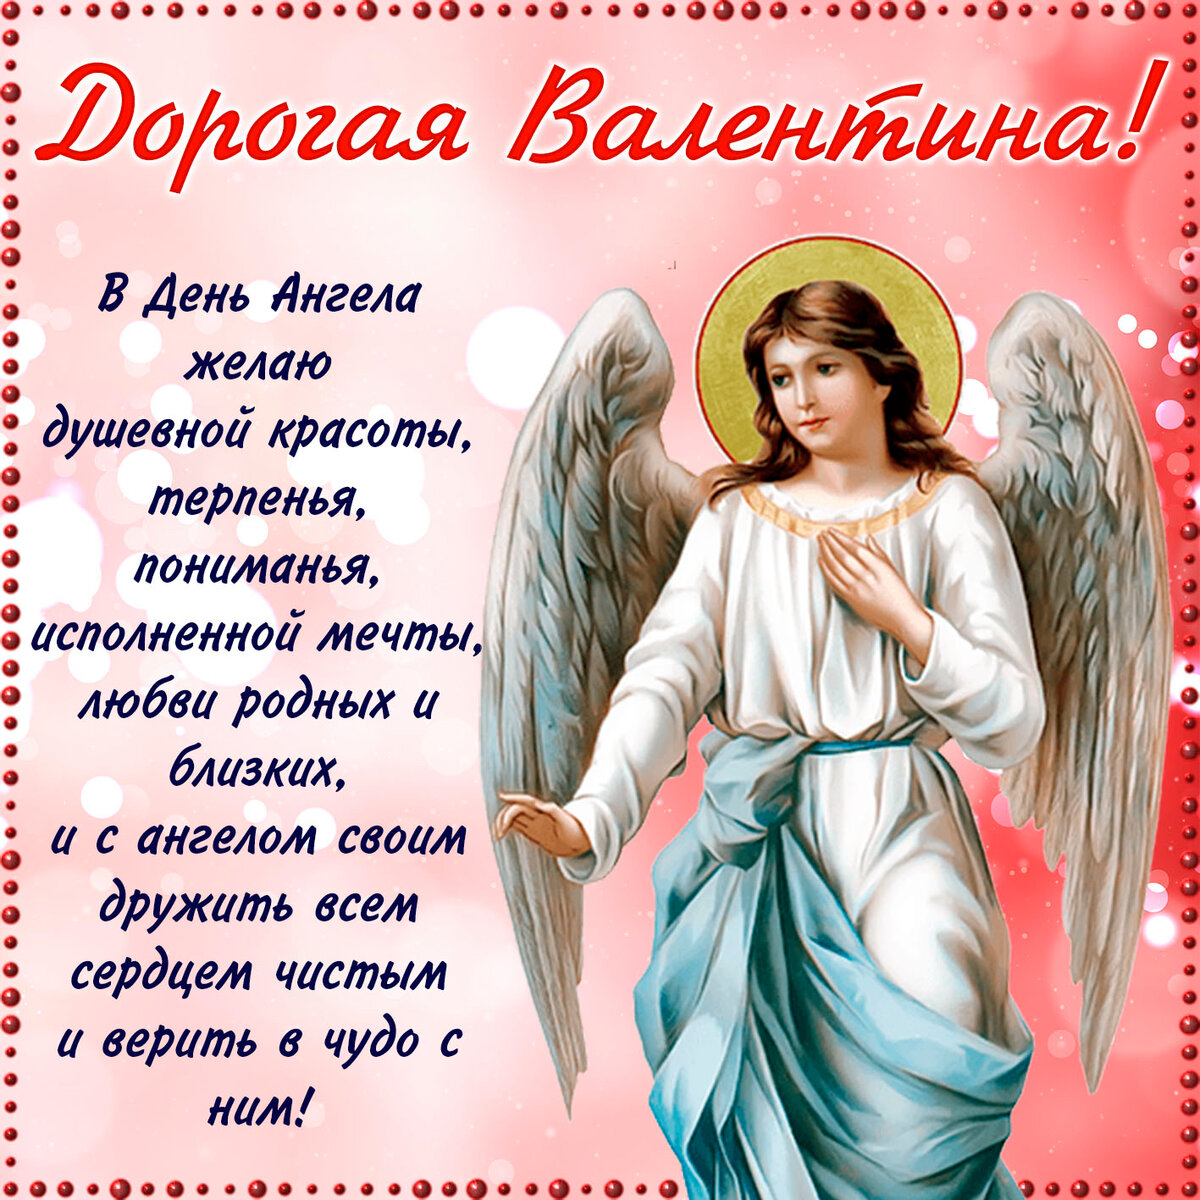 многие душевное поздравление с днем ангела прозвали вечно